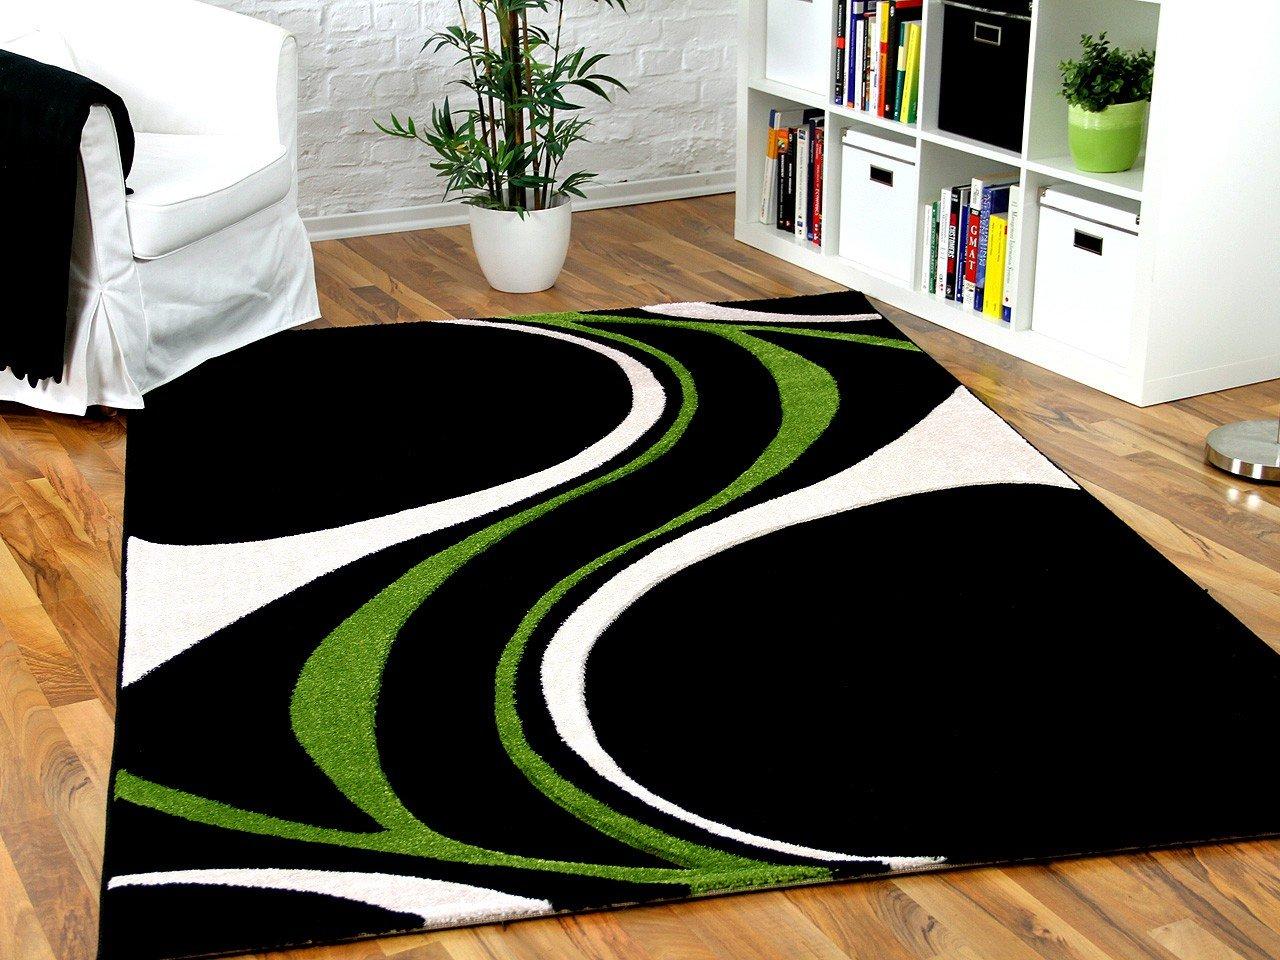 Designer Teppich Maui Schwarz Grün Style in 5 Größen    Kritiken und weitere Informationen